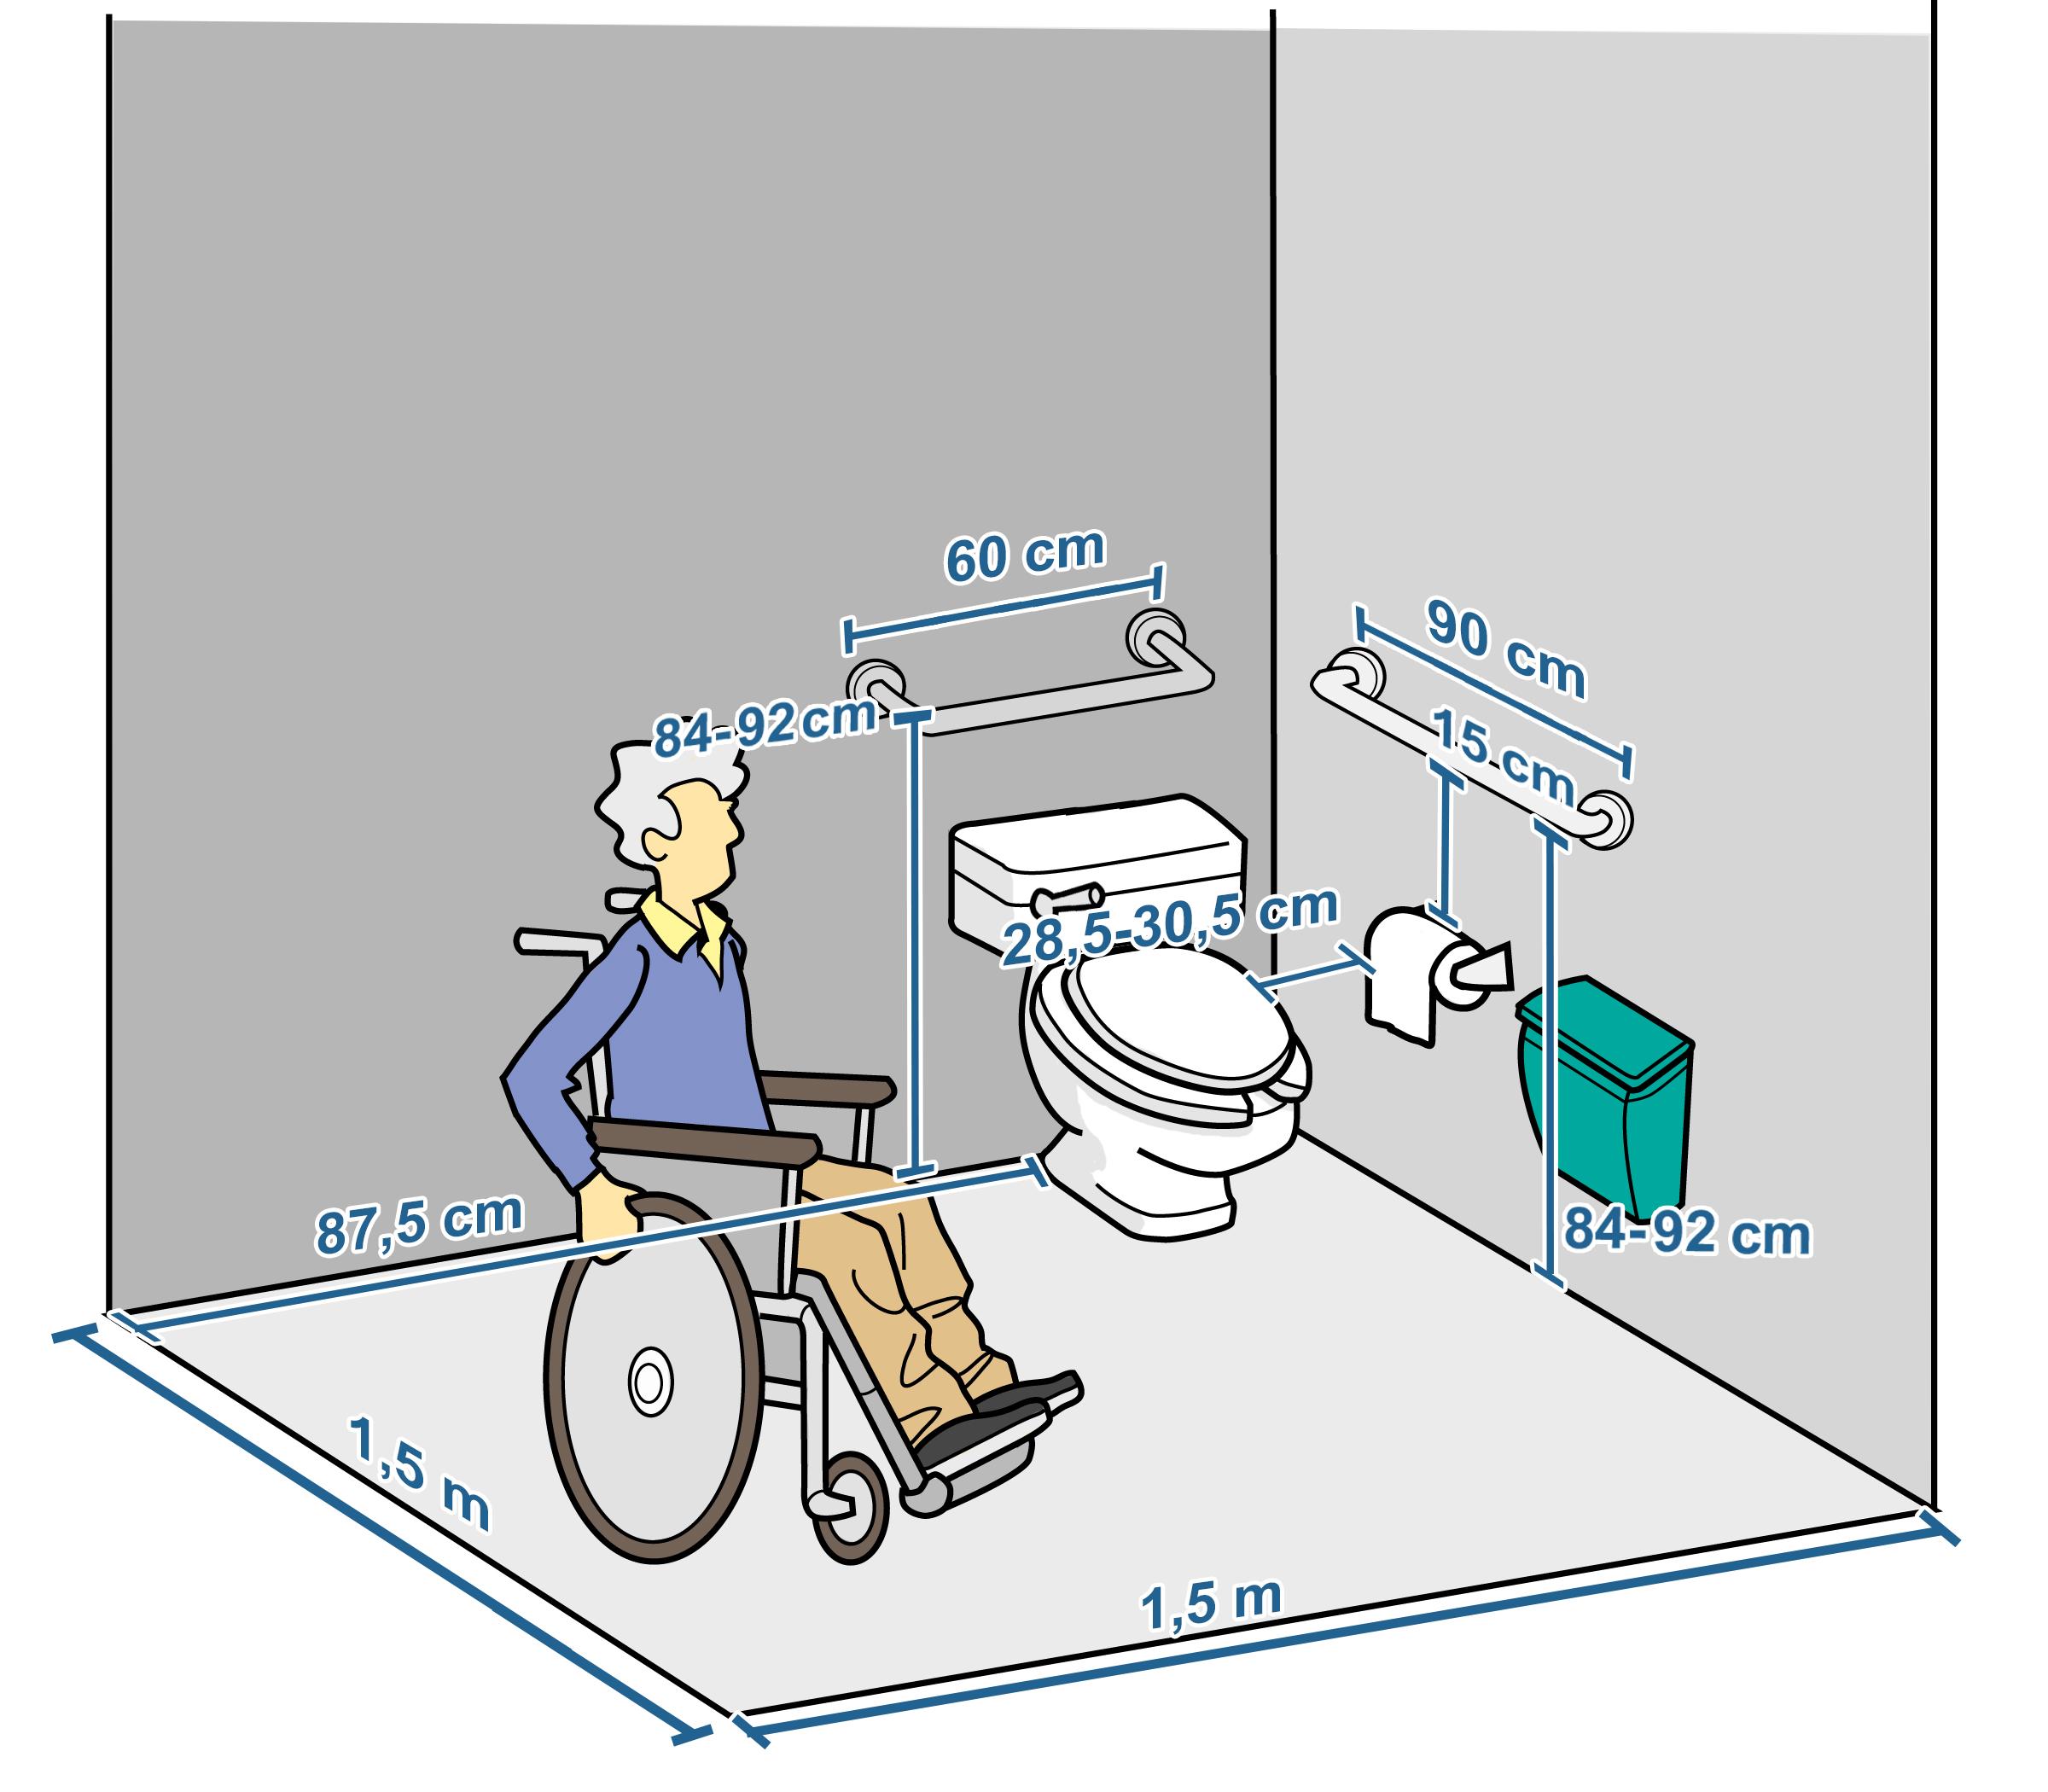 Norme pour wc handicap fabulous exemple de wc avec amnagements aux normes handicaps with norme - Wc handicape norme ...